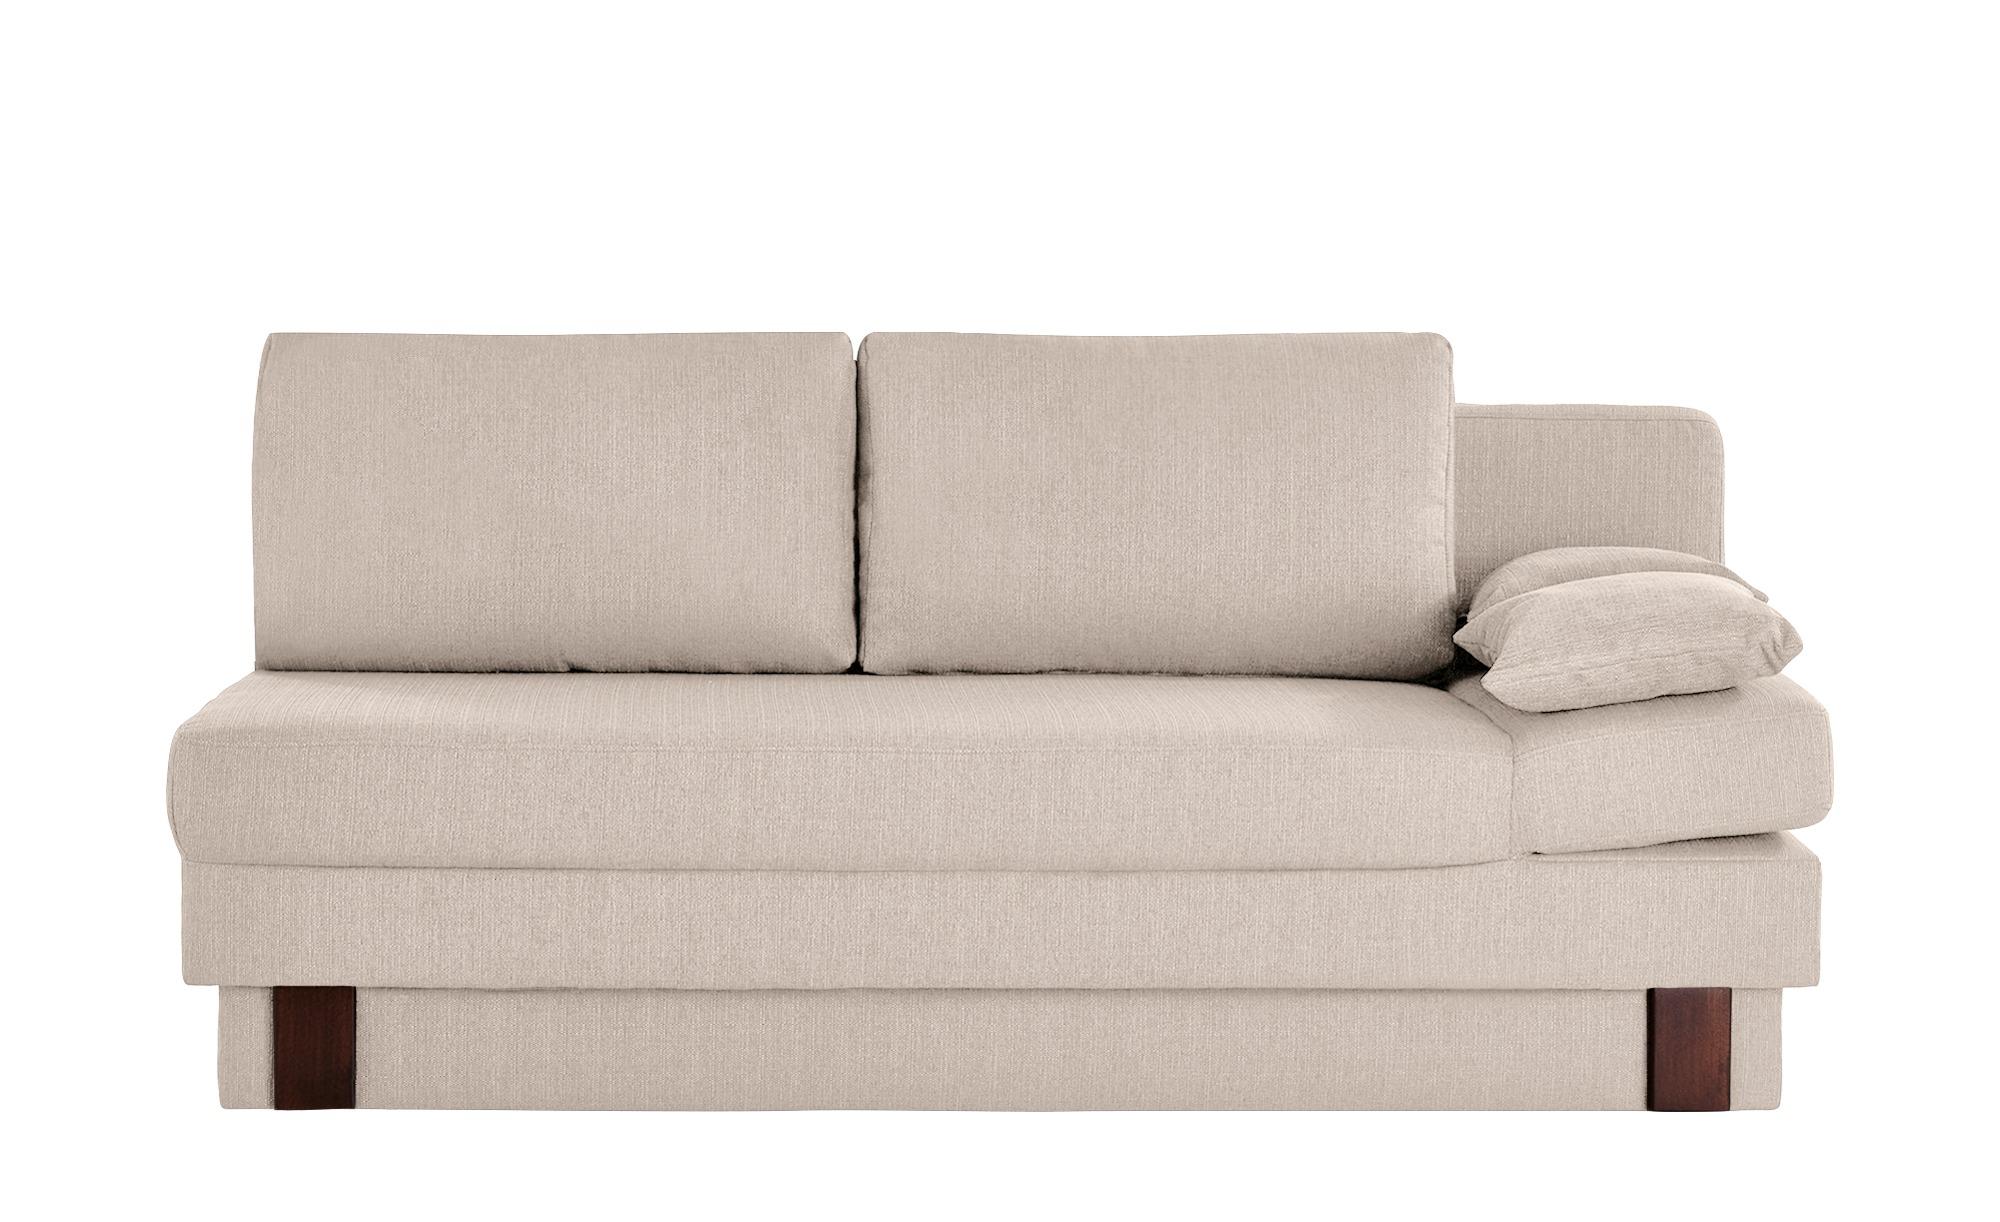 Faszinierend L Sofa Günstig Foto Von Ledersofa Pflege Mittel   Günstig Ecksofa  